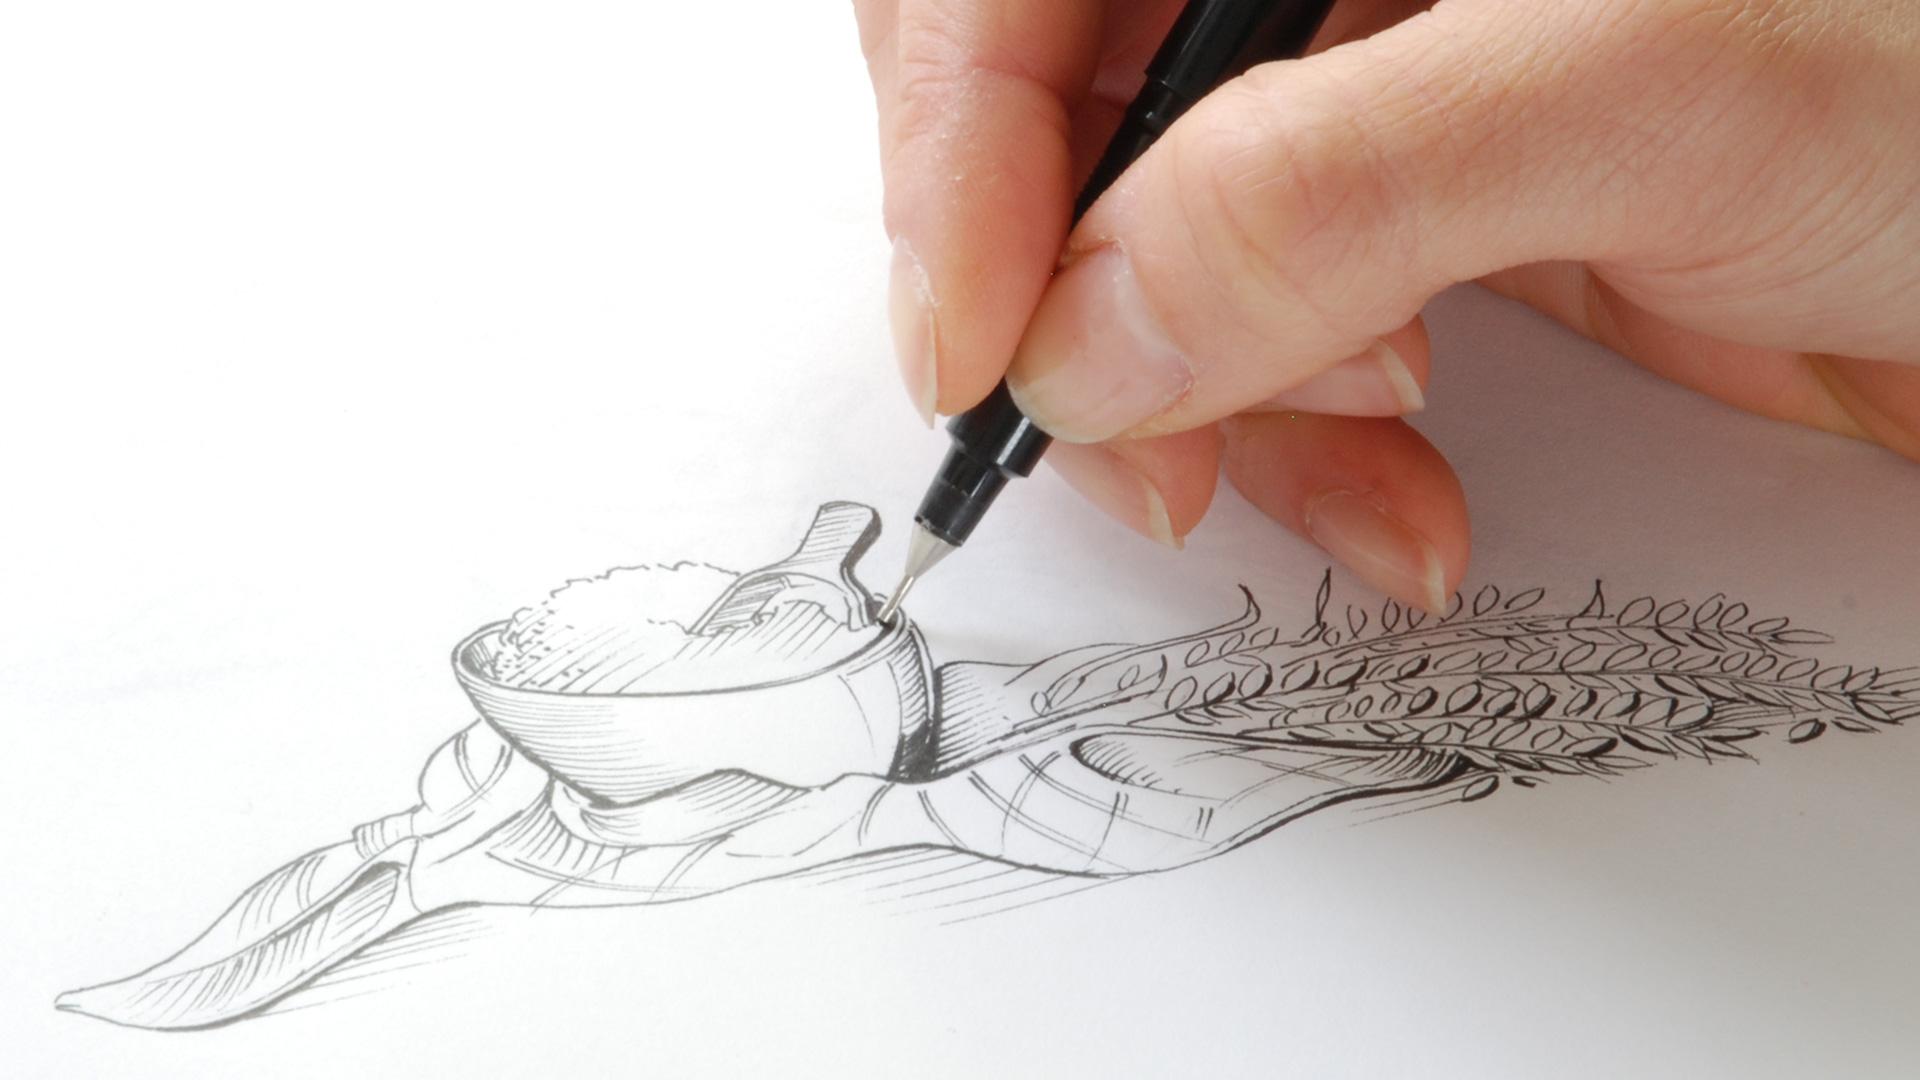 sketching at slice packaging design agency